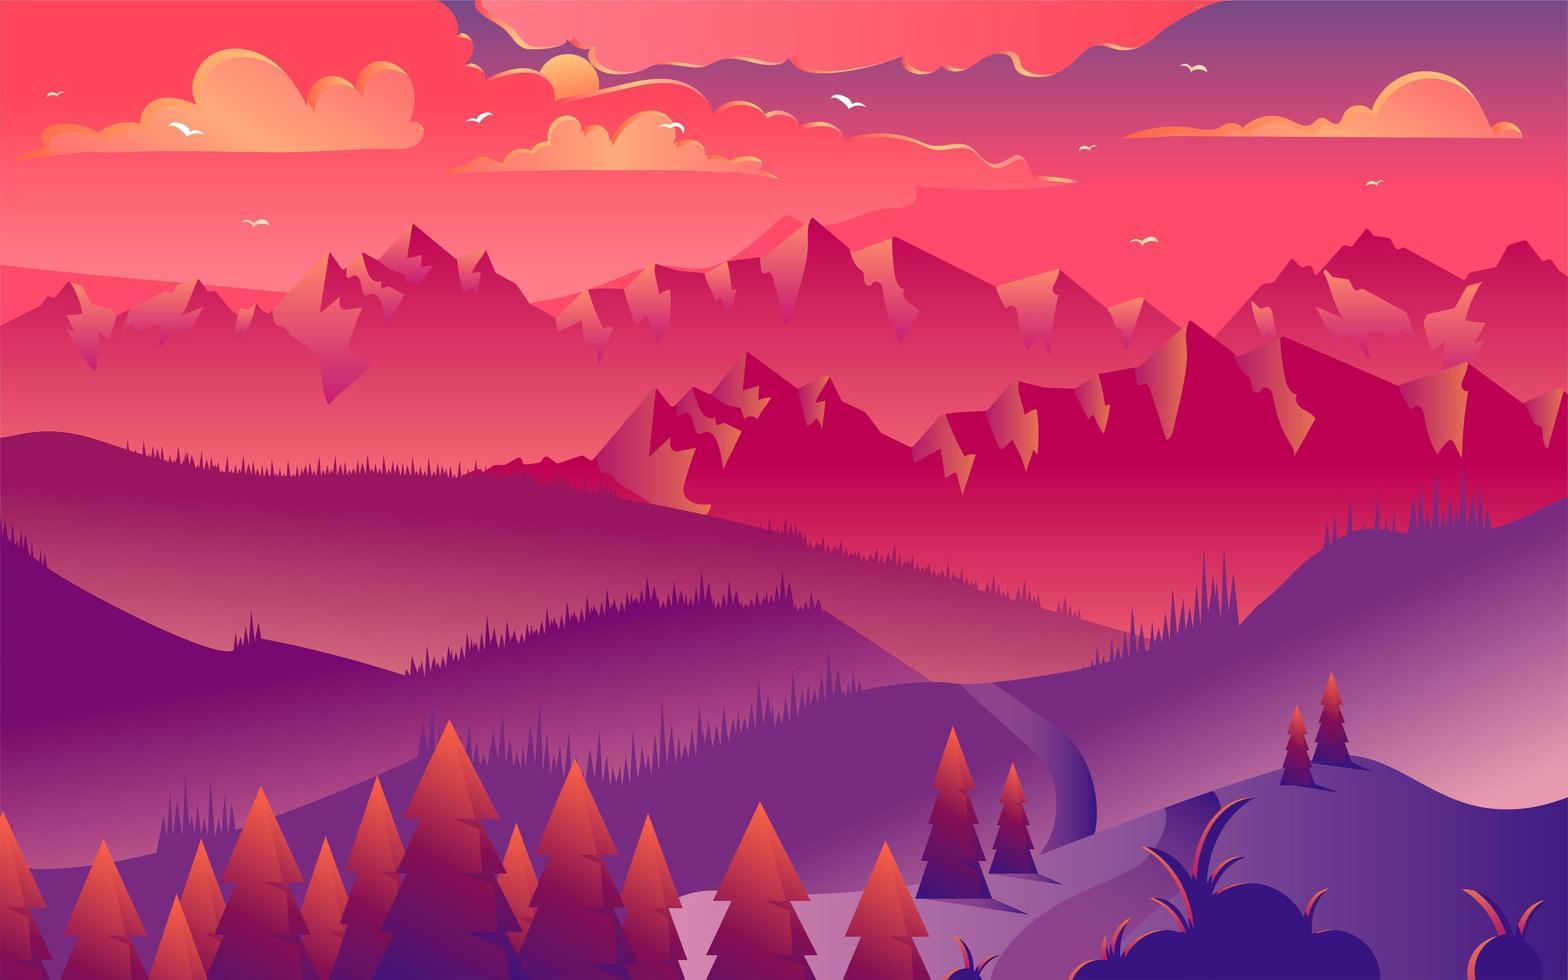 ilustração vetorial minimalista de montanhas pôr do sol vetor